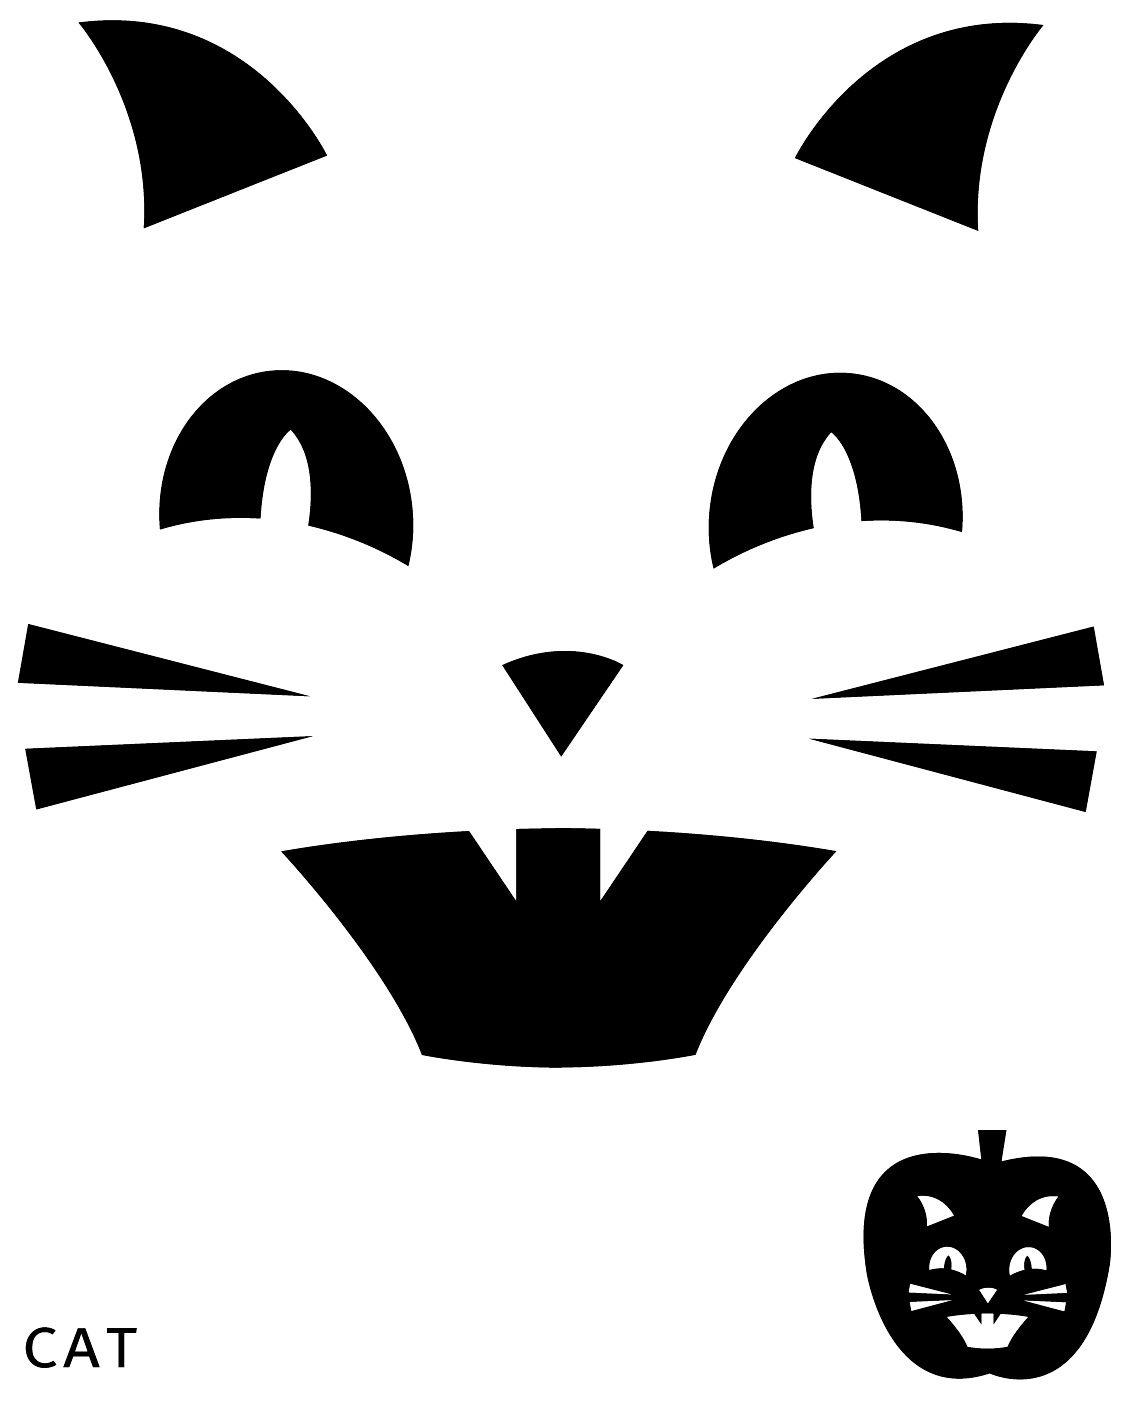 Cat Pumpkin Carving Template | Halloween | Pumpkin Carving Patterns - Free Printable Pumpkin Patterns